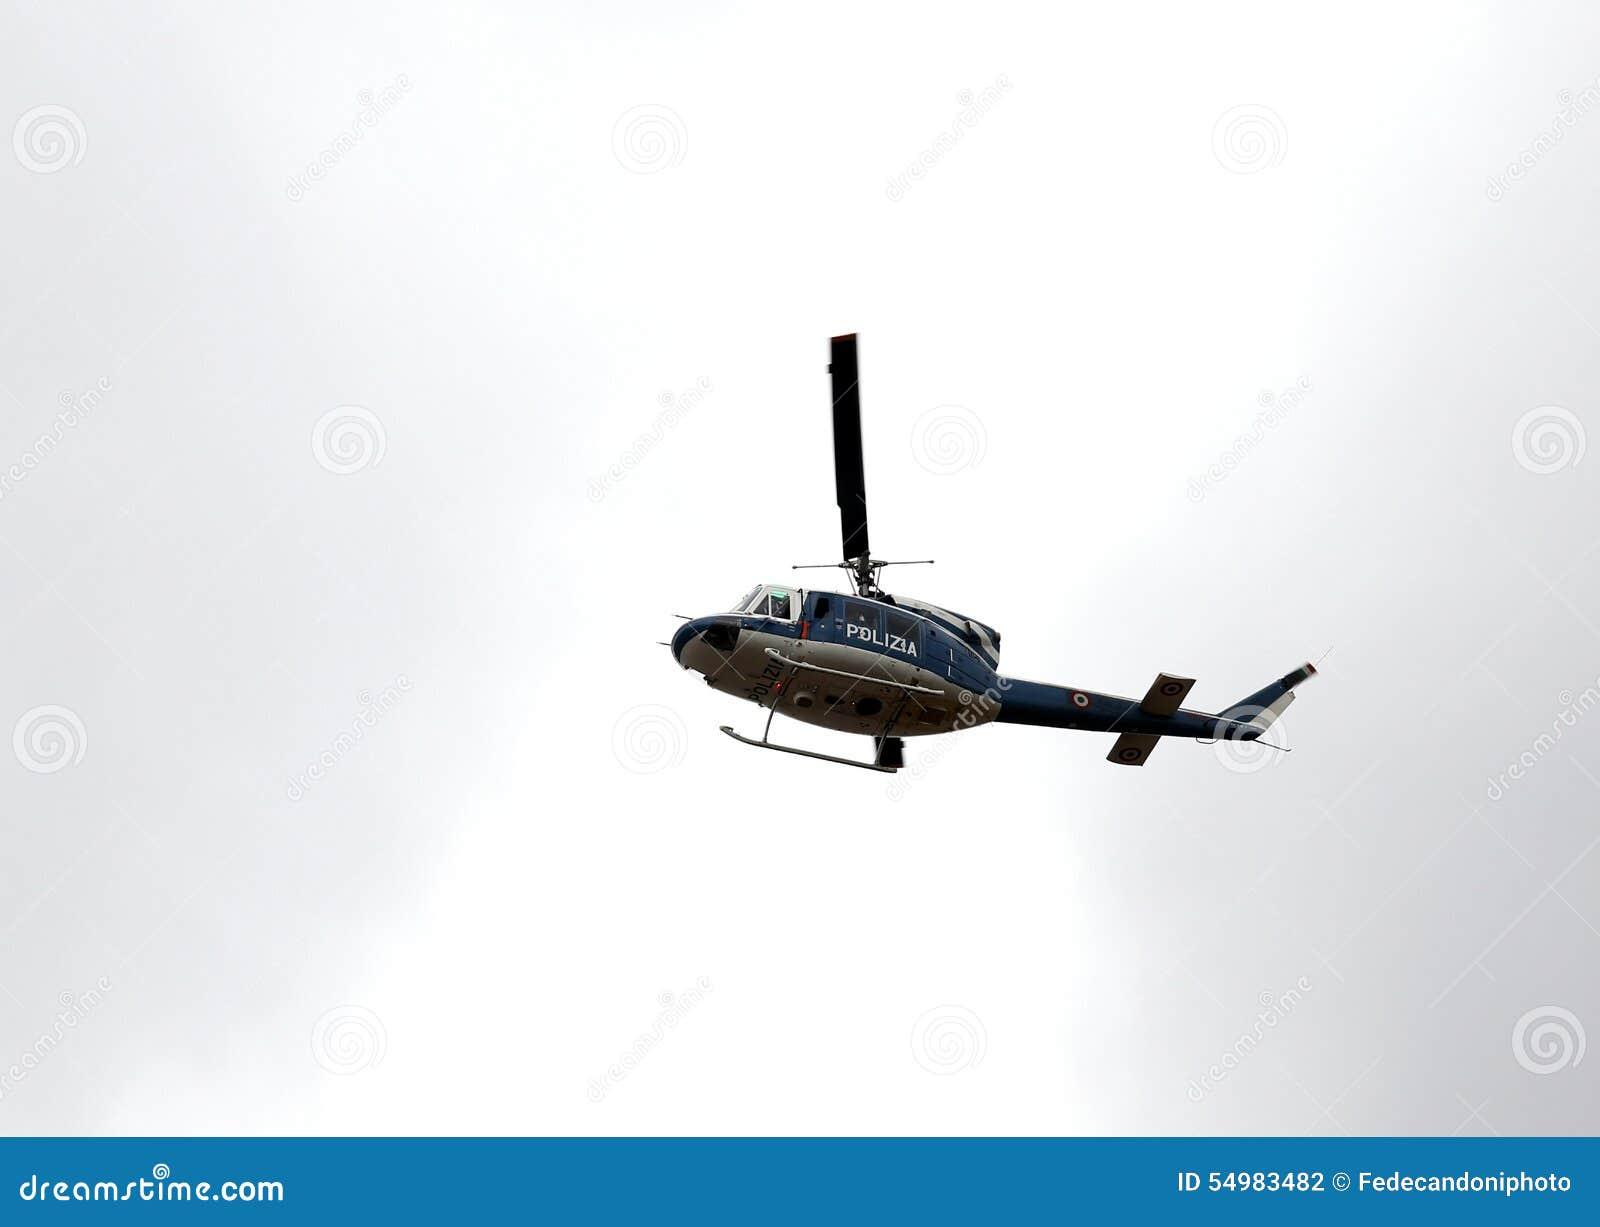 Ιταλικό ελικόπτερο της αστυνομίας που πετά πέρα από την πόλη